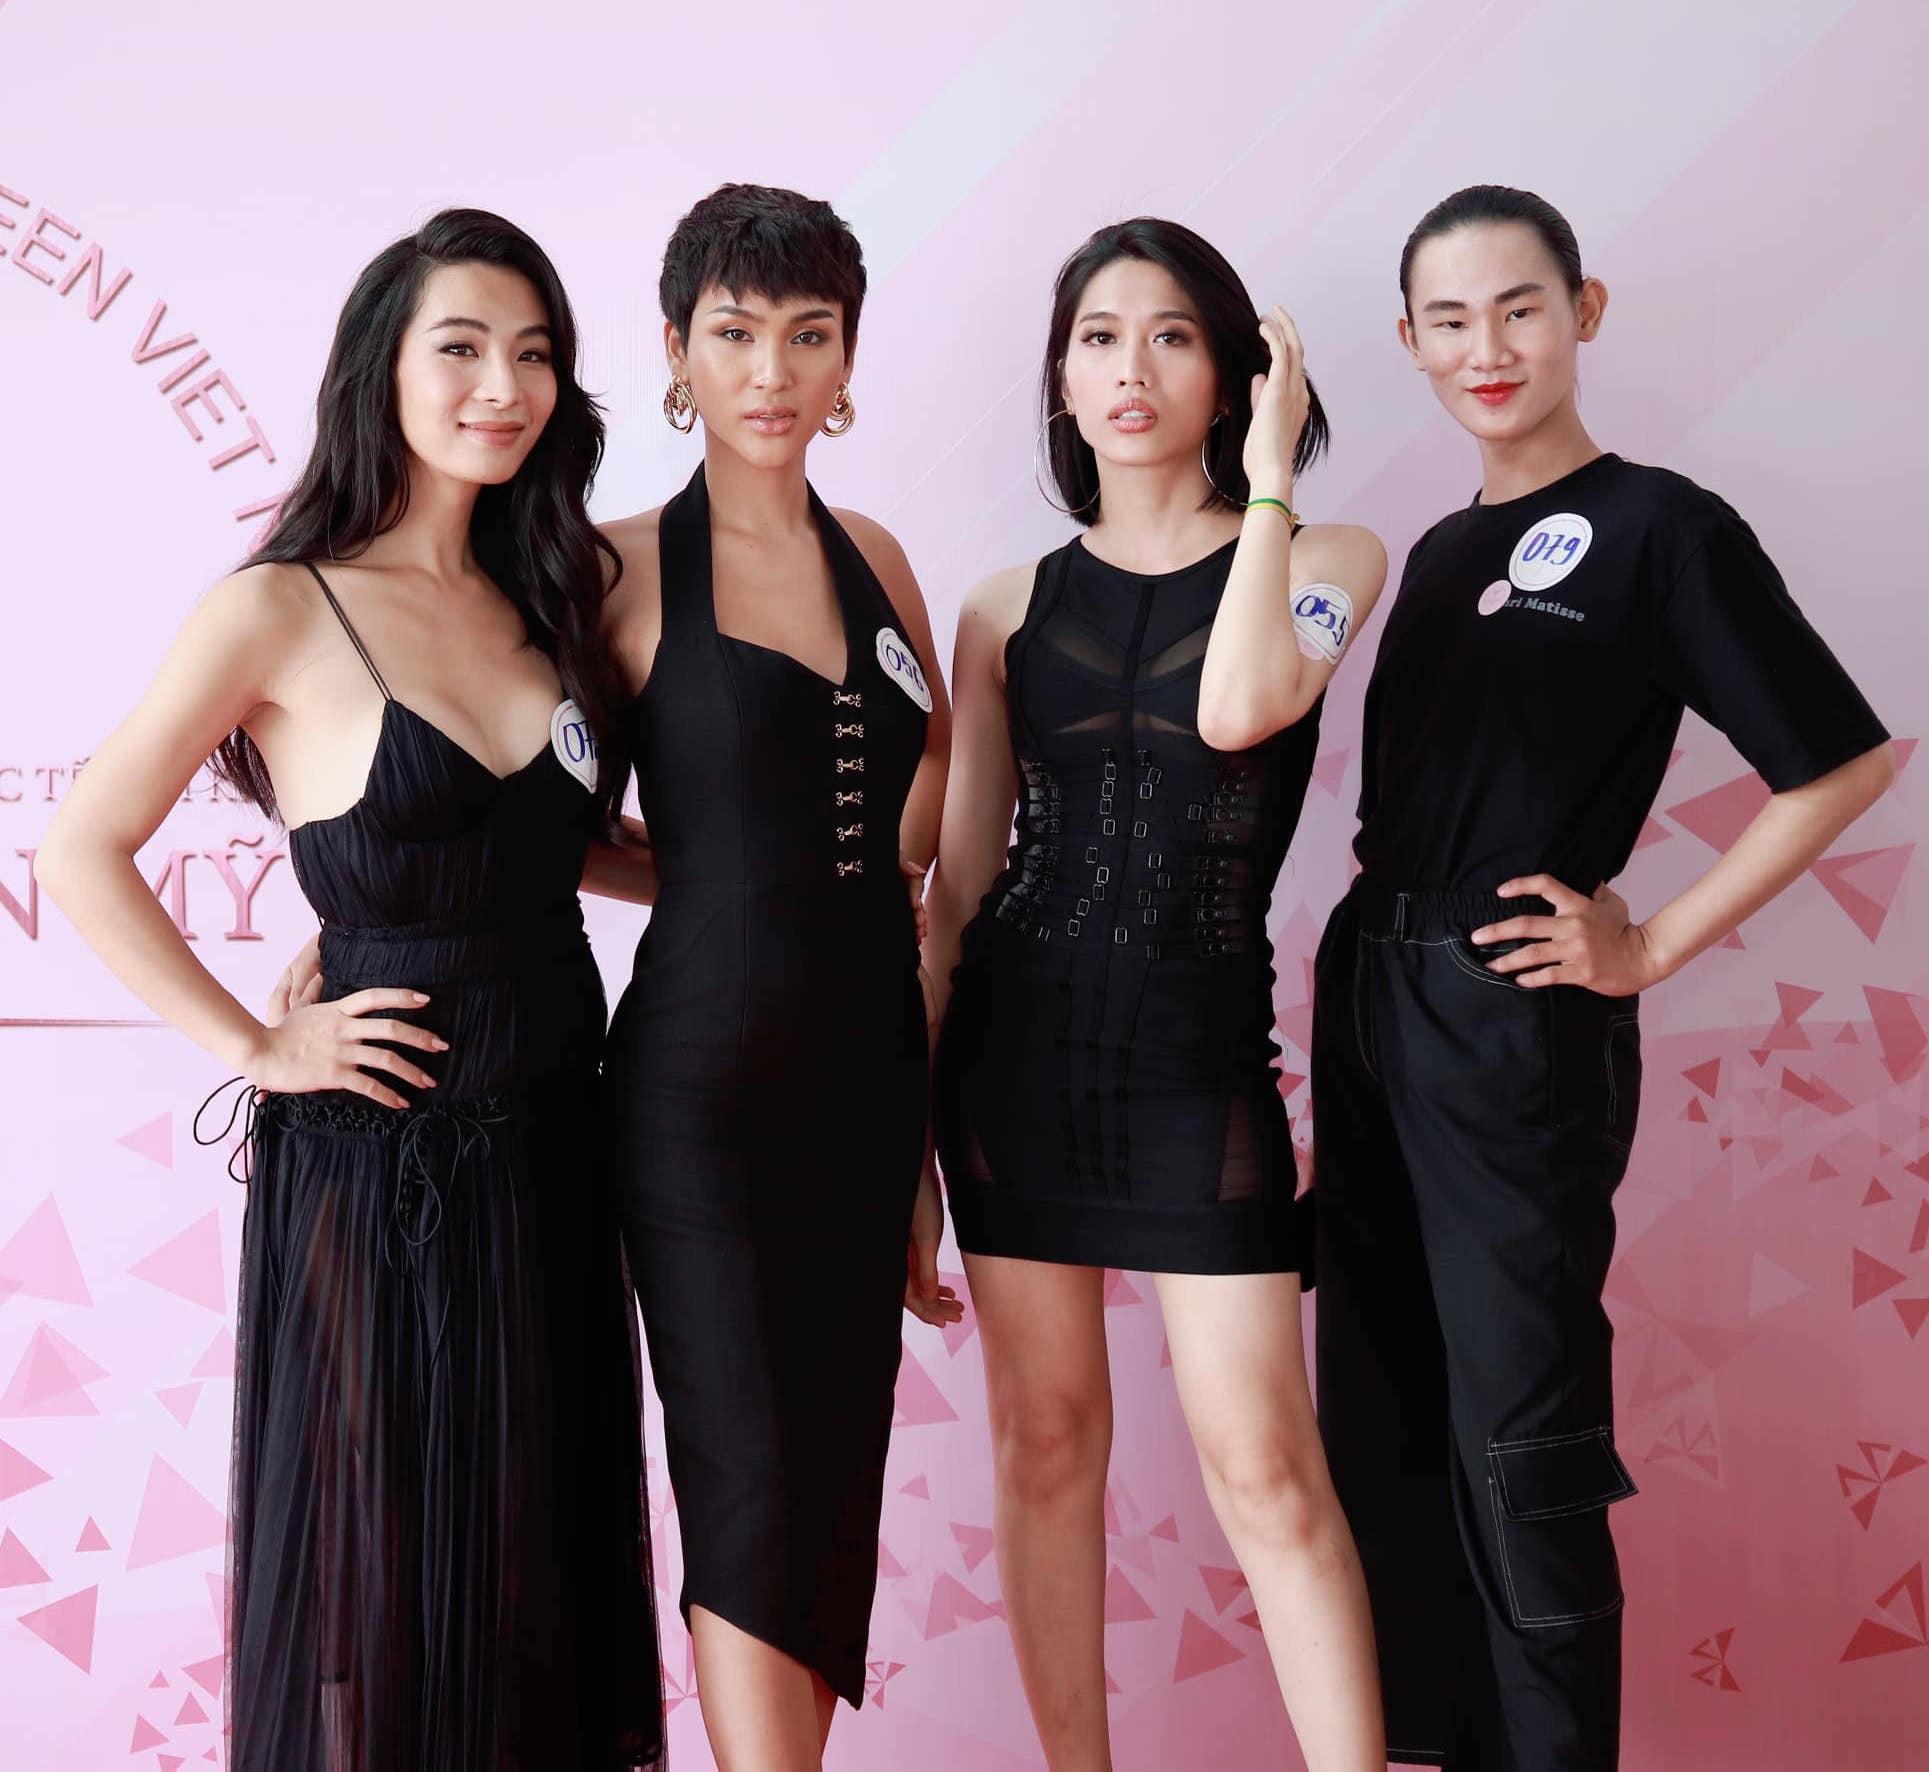 Hoa hậu Chuyển giới Việt Nam 2020: Người lộ nhược điểm hình thể, người làm lố với vẻ ngoài khác lạ - Ảnh 3.